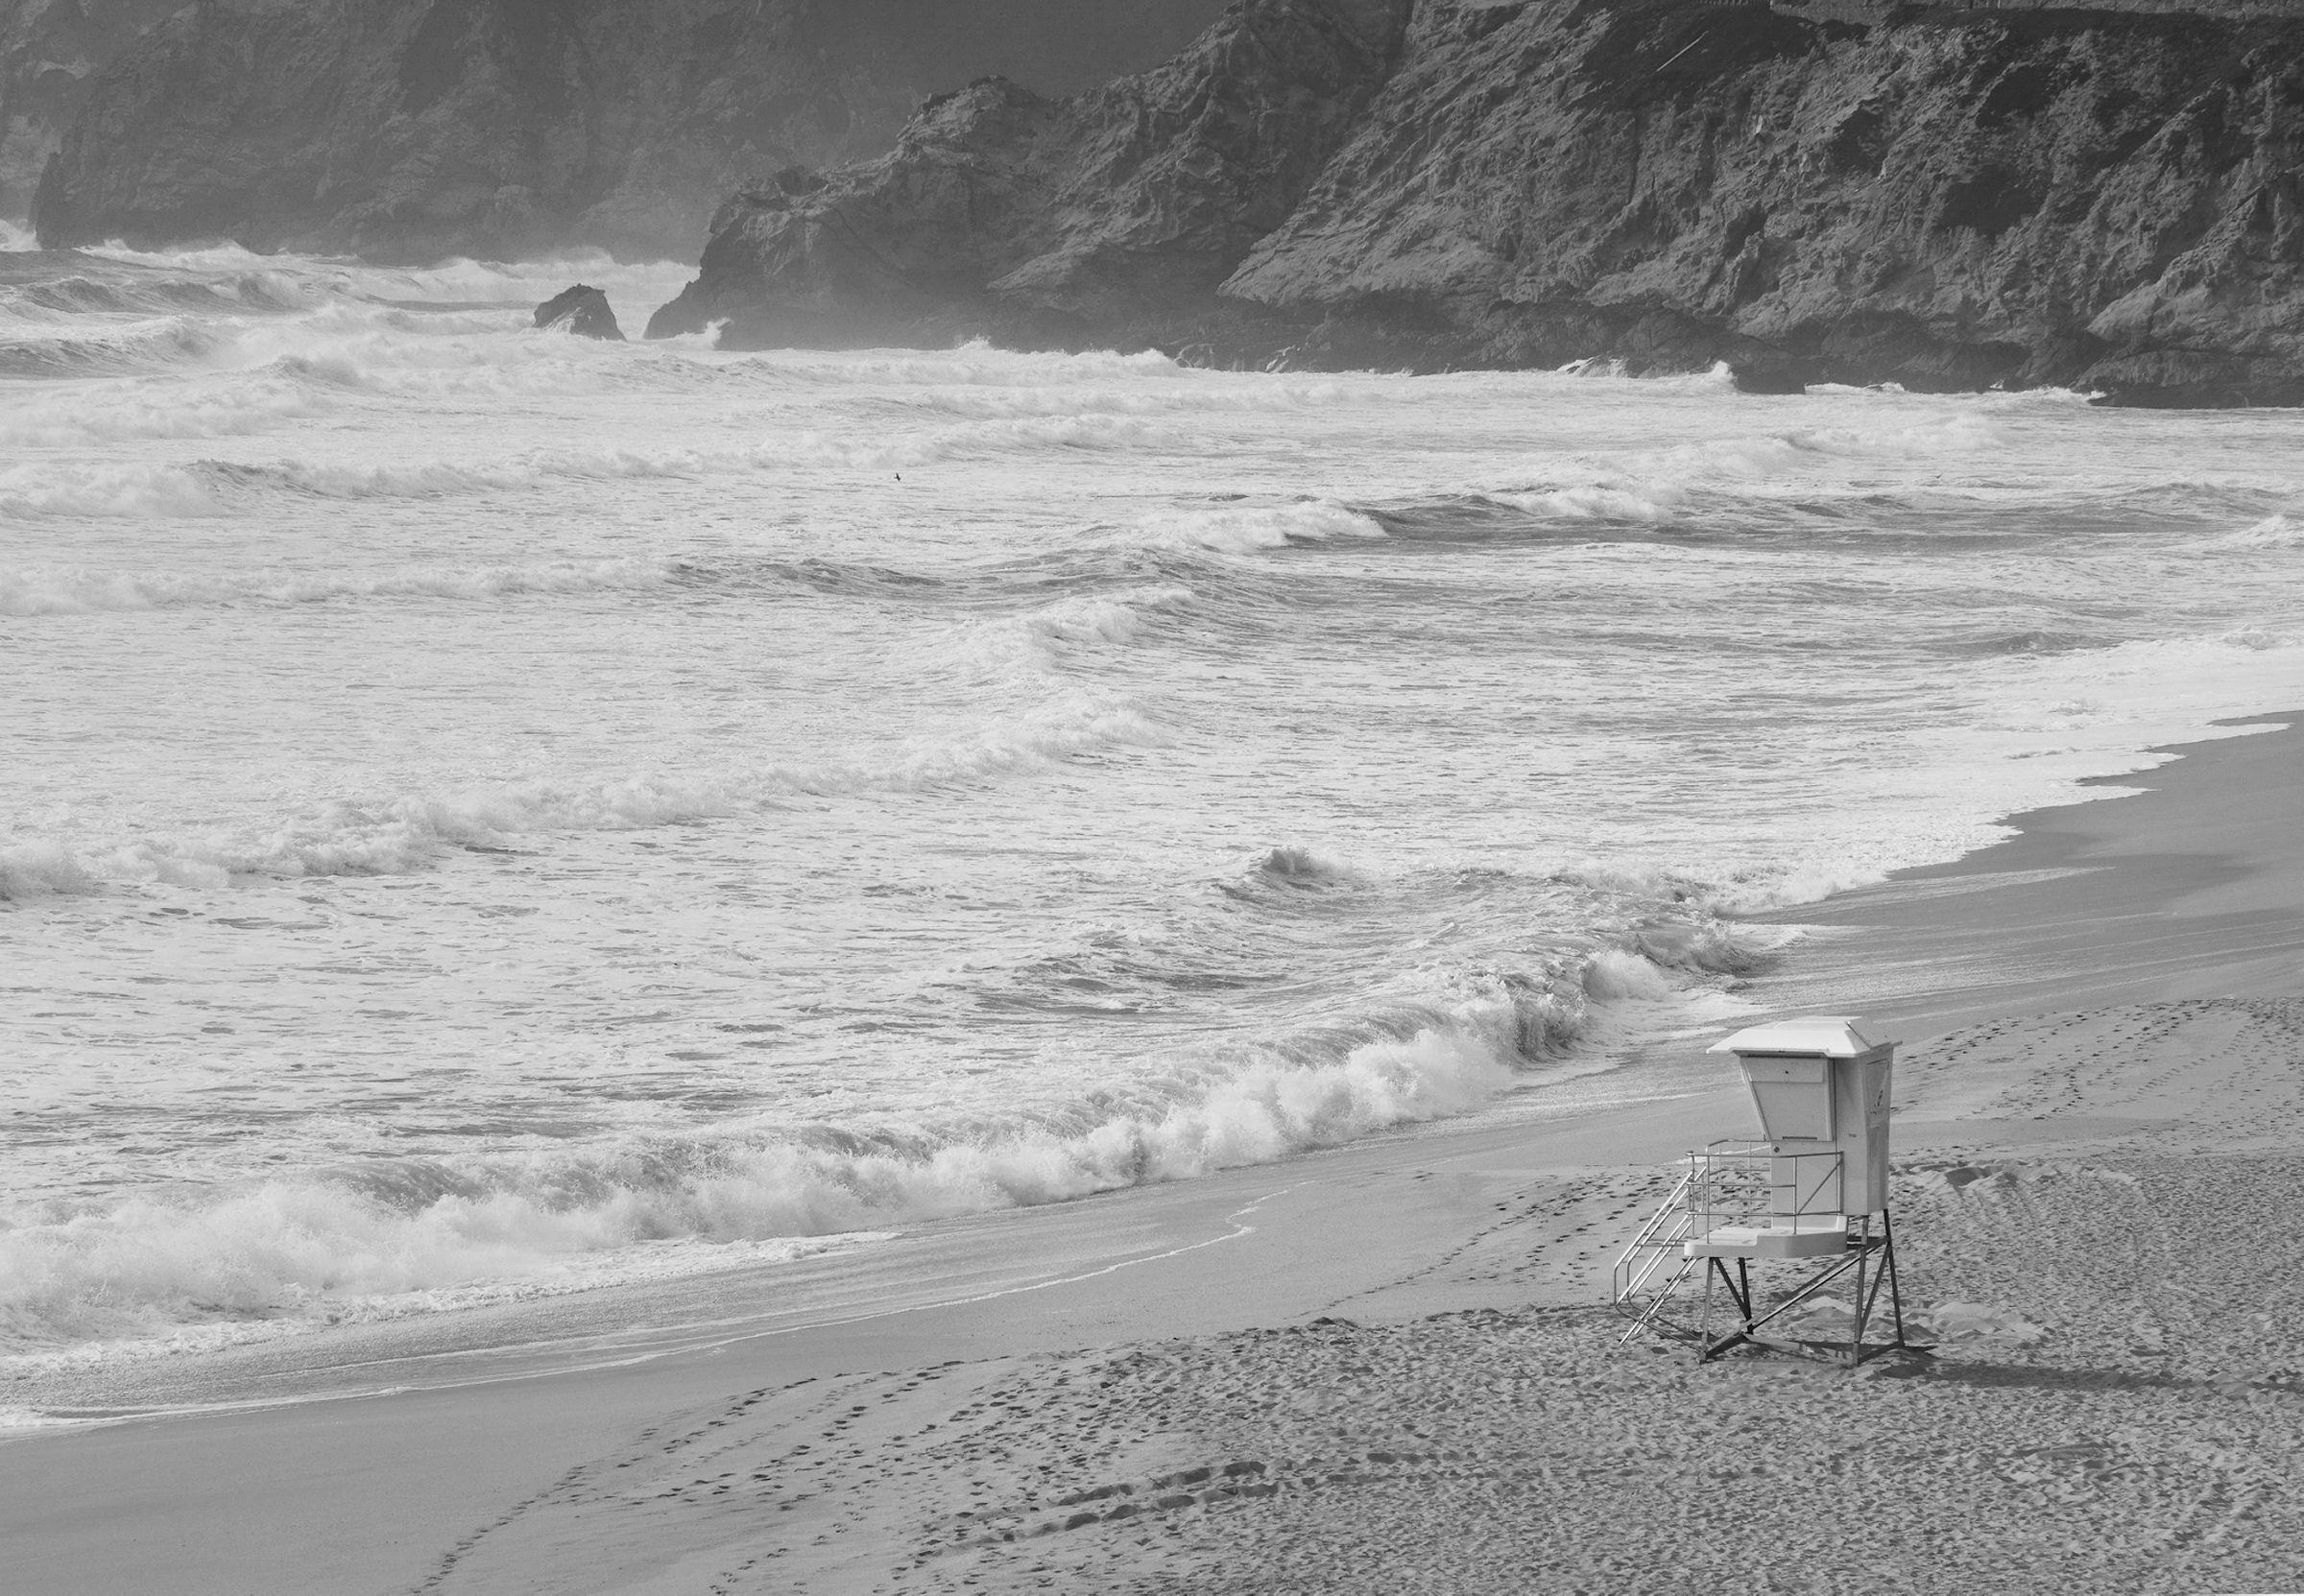 LifeguardTower,